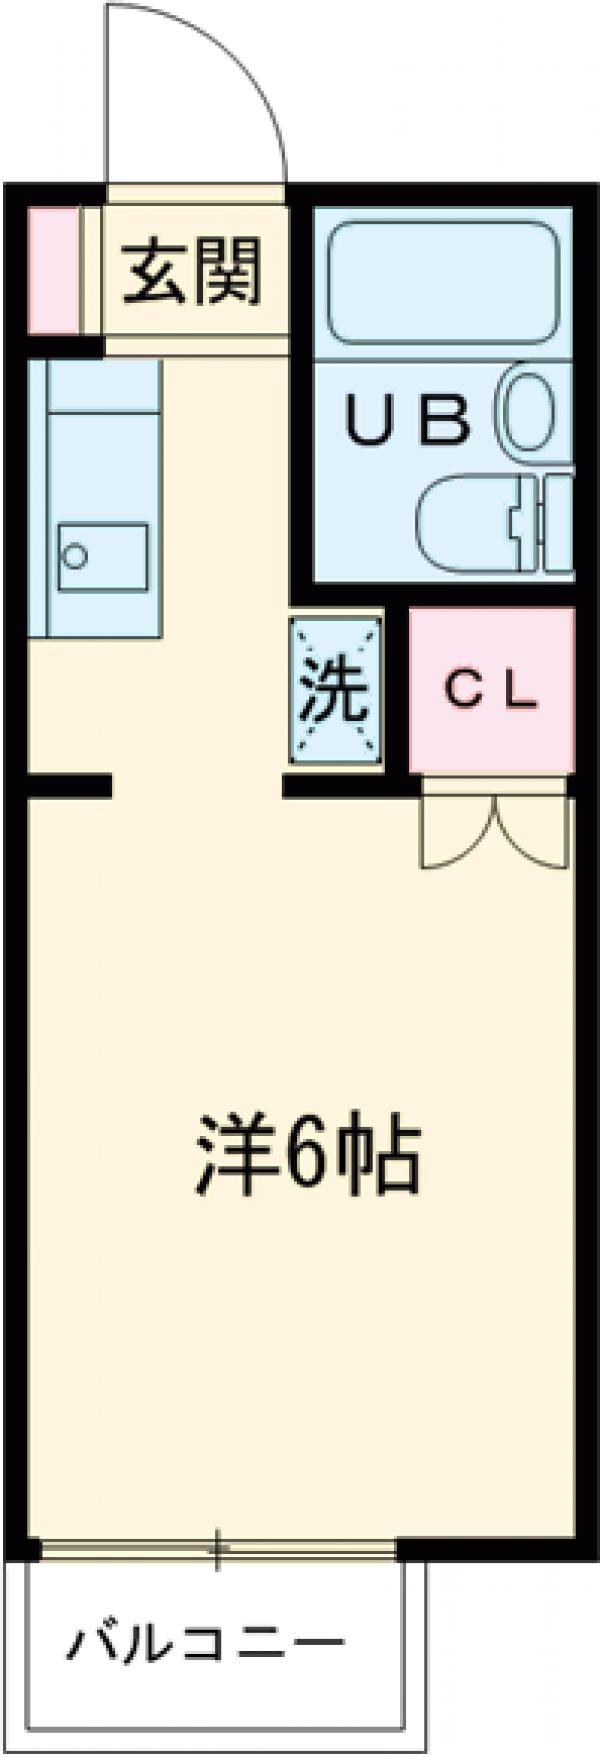 ルベール東小金井・101号室の間取り